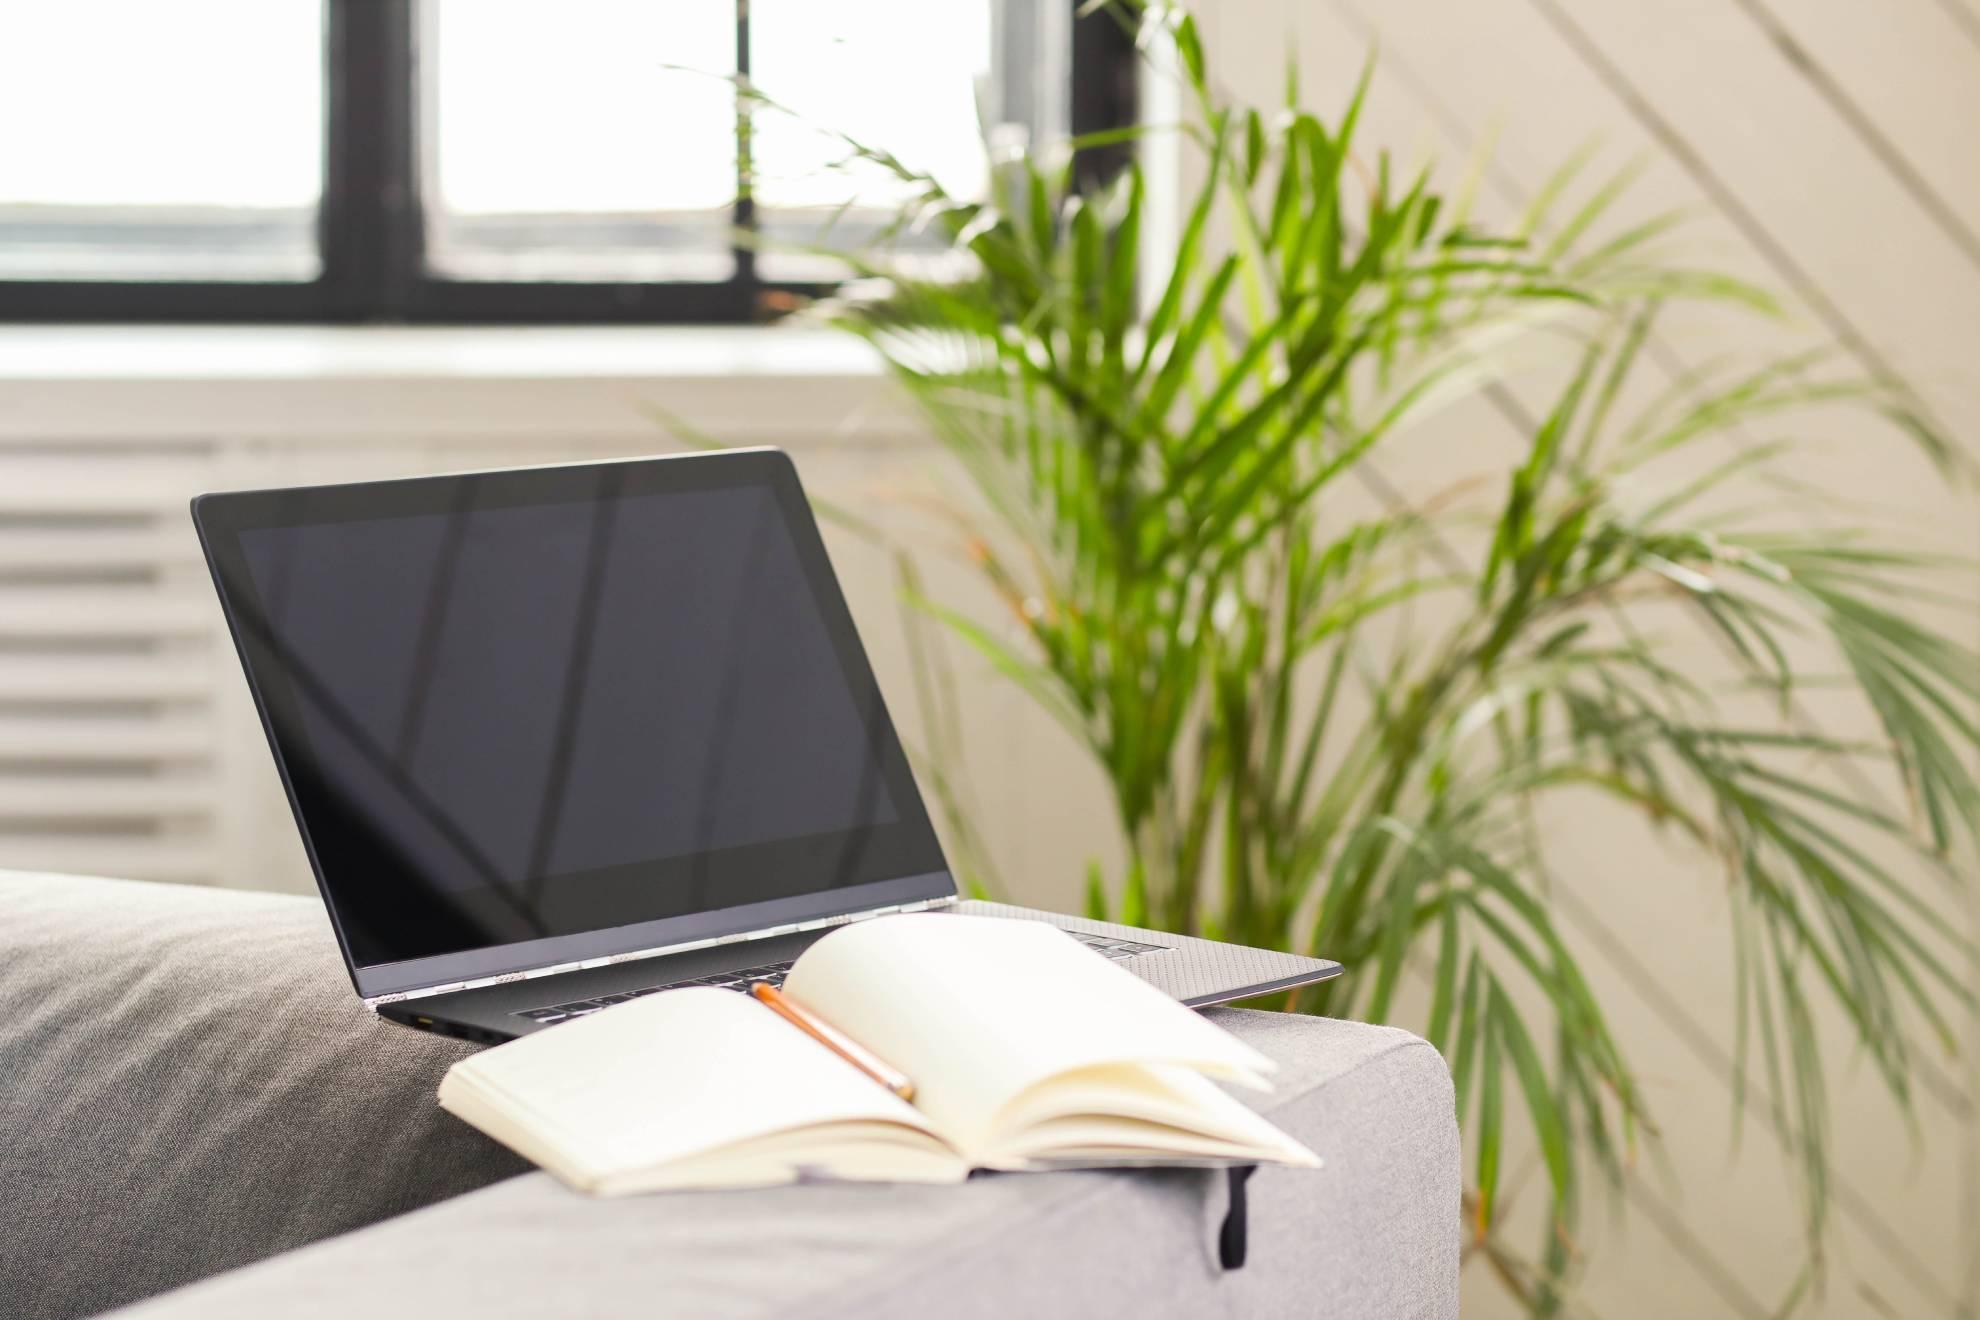 laptop-RBFGWUG (1)